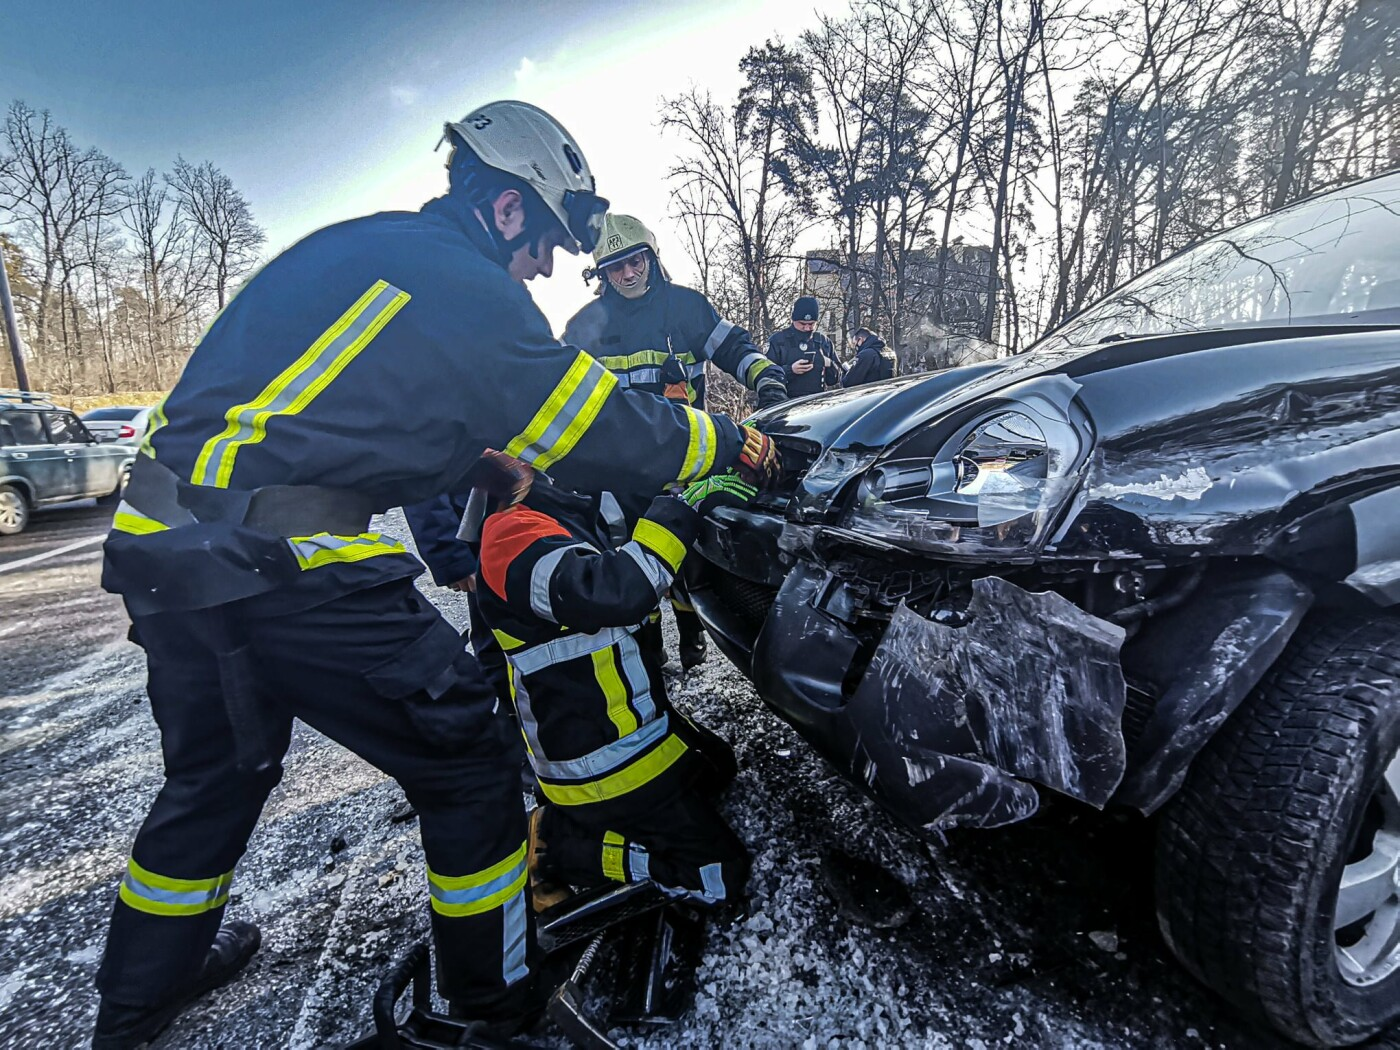 В Киеве спасатели достали водителя из покореженного авто., Фото ГСЧС